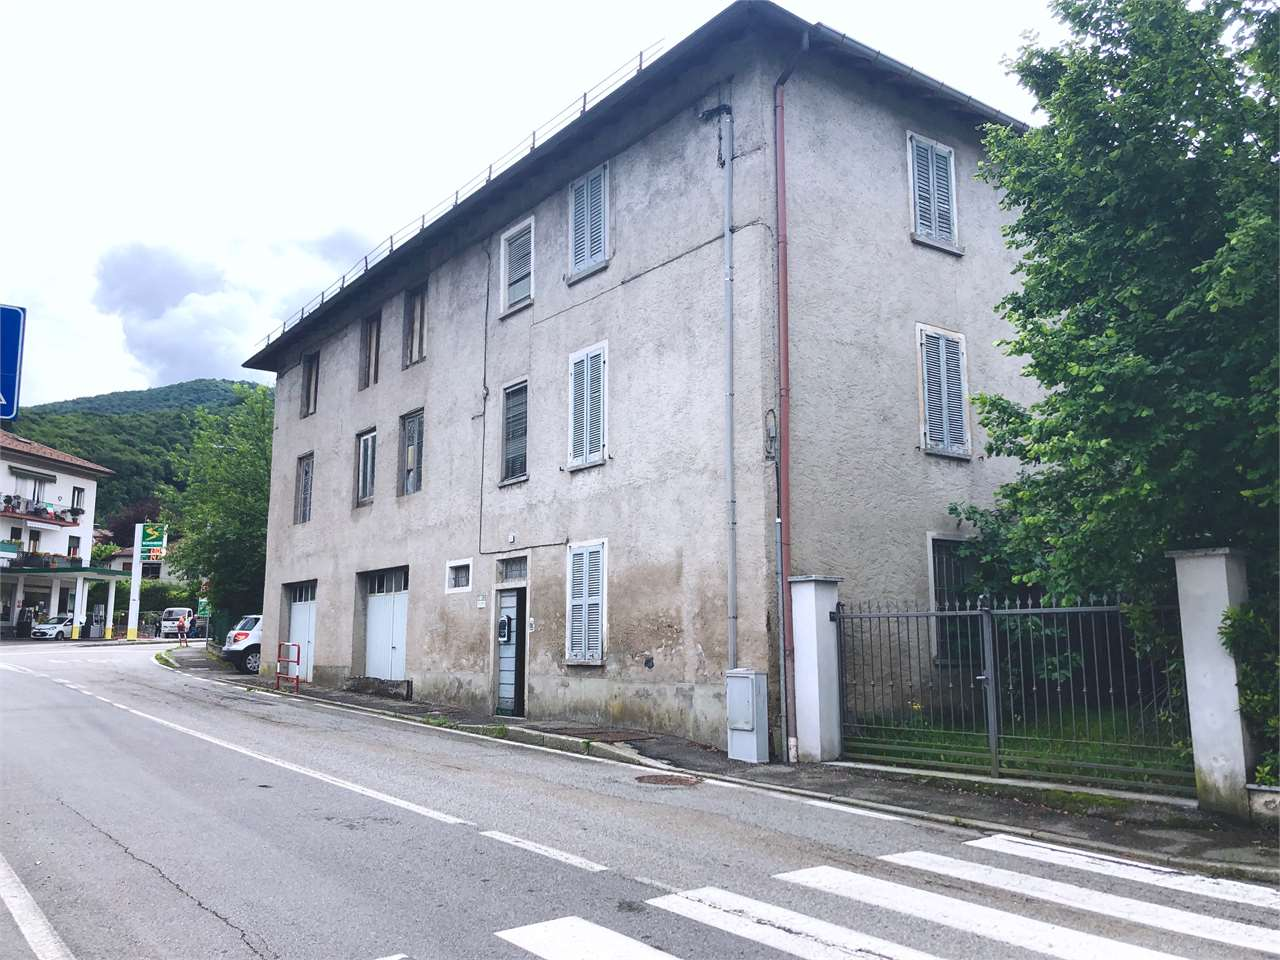 Palazzo / Stabile in vendita a Brinzio, 15 locali, prezzo € 126.000 | CambioCasa.it